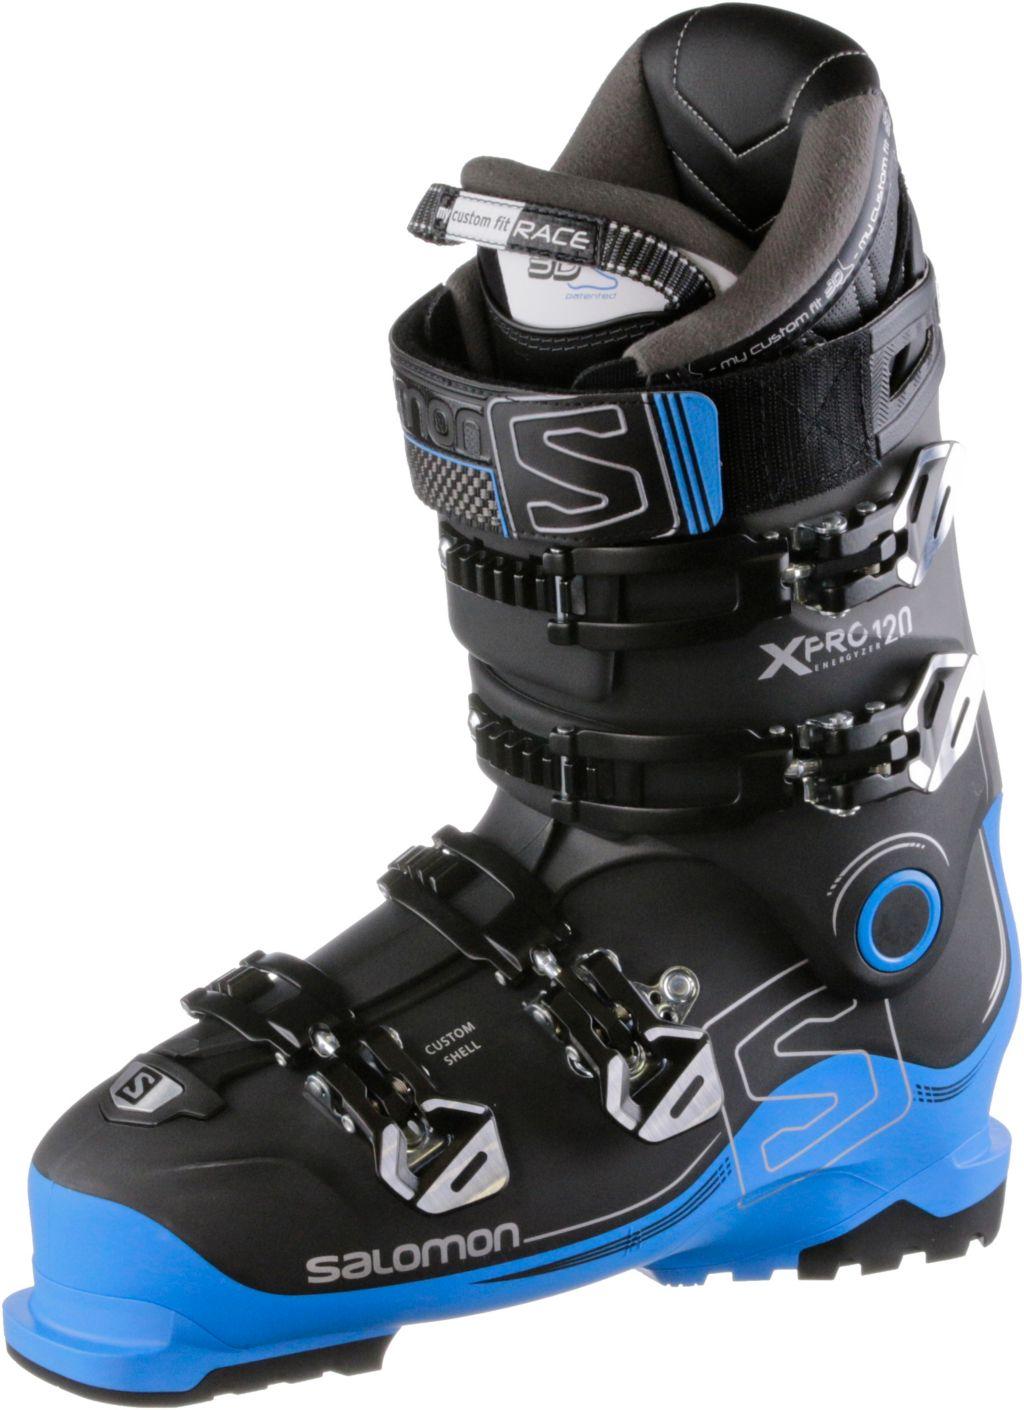 X Pro 120 Skischuhe Herren mehrfarbig, Größe 29 1/2